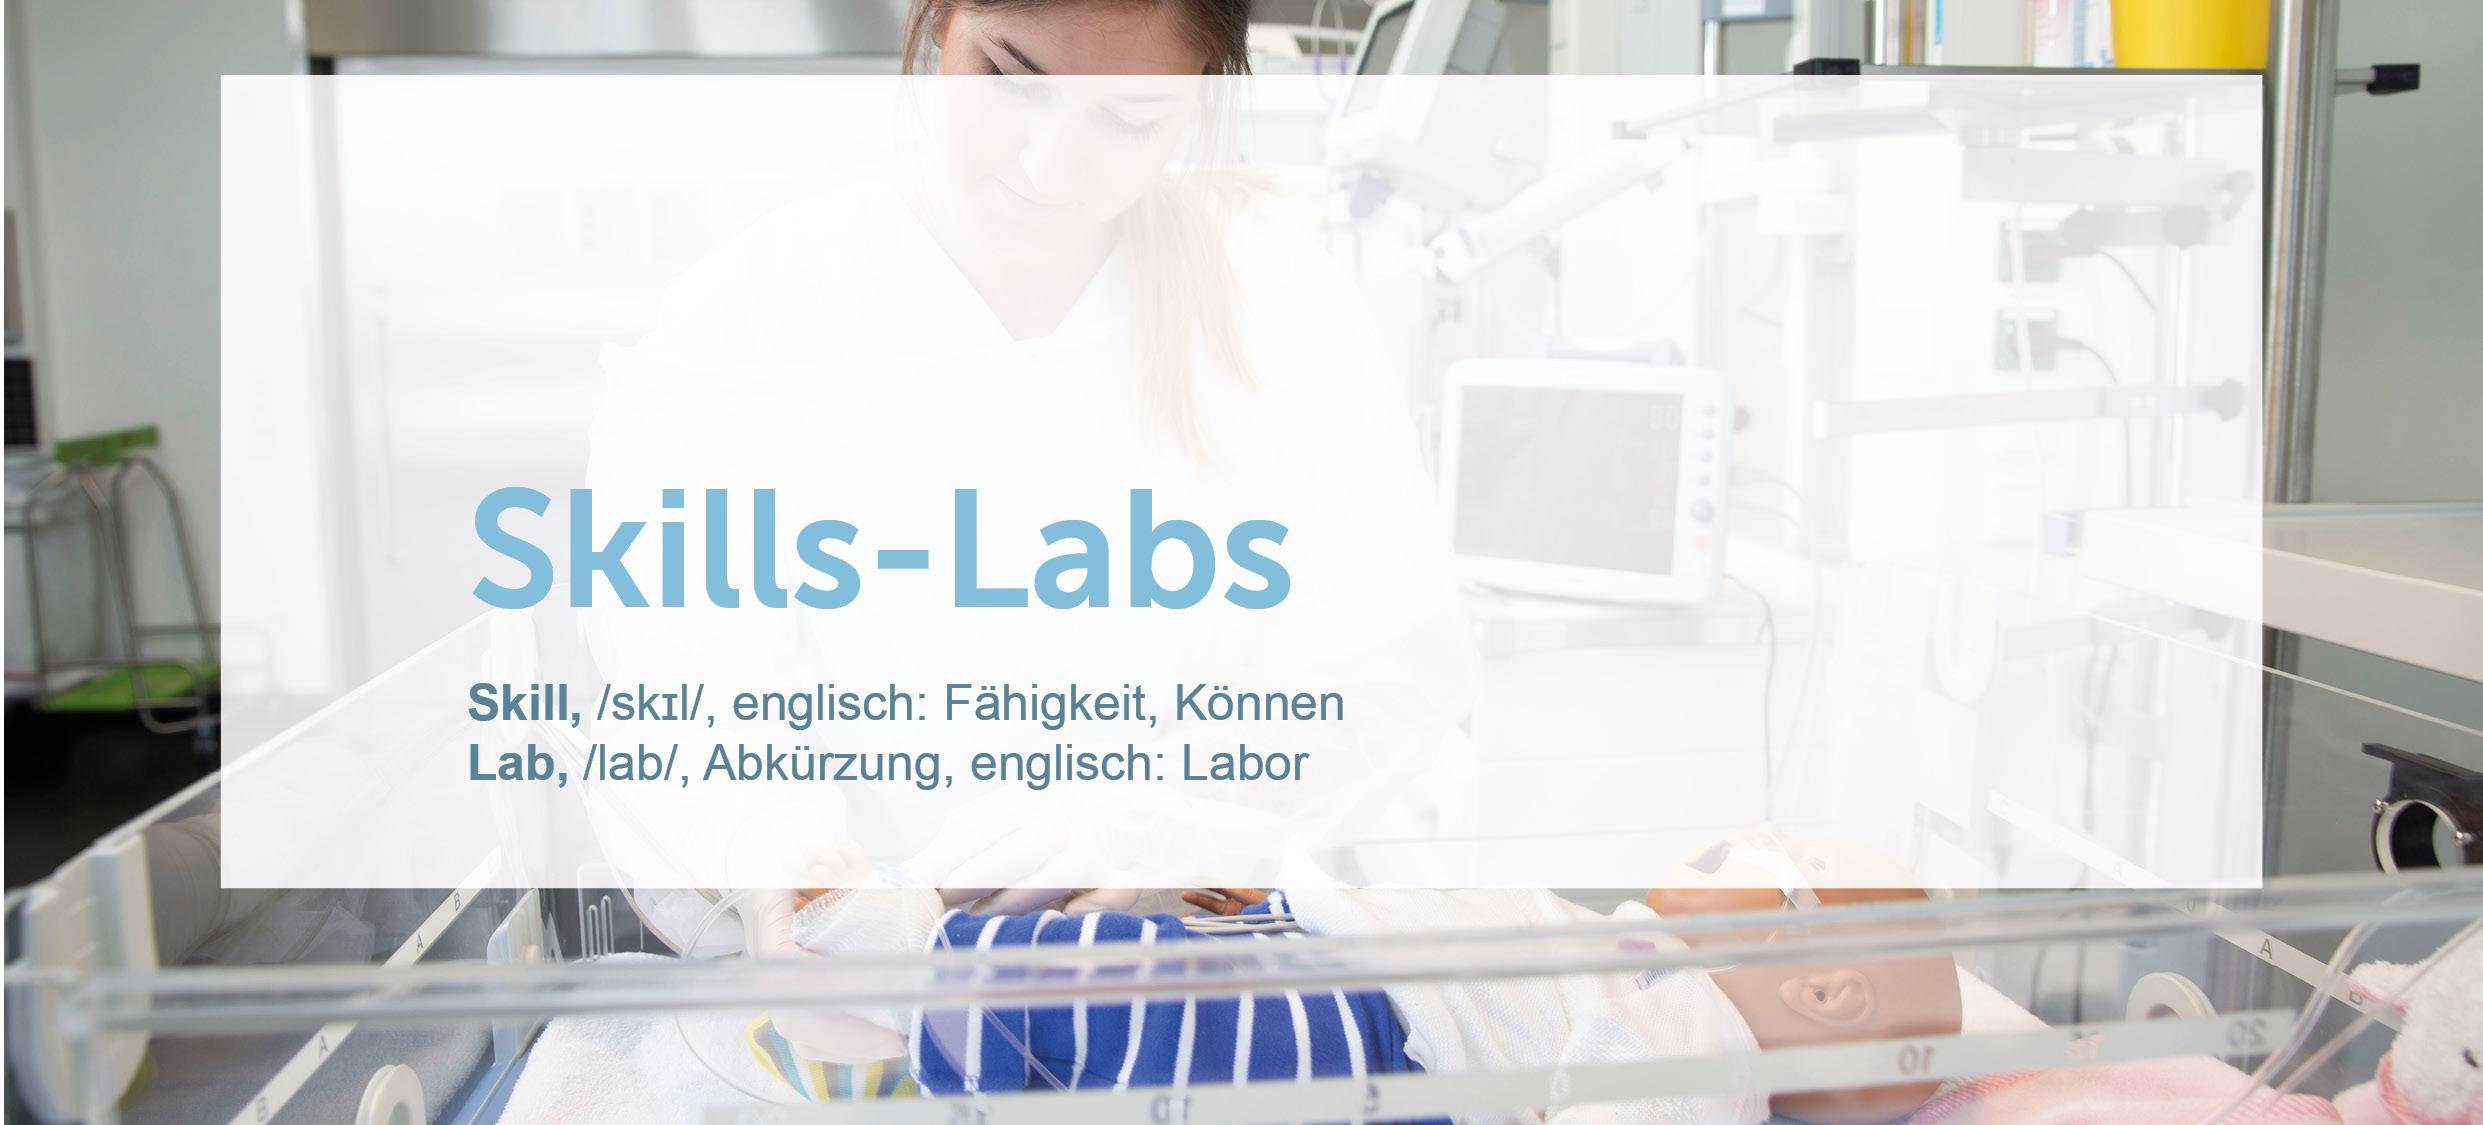 Eine Studentin der hsg Bochum steht im Skills-Lab 'Kinderintensivraum' an der hsg Bochum.